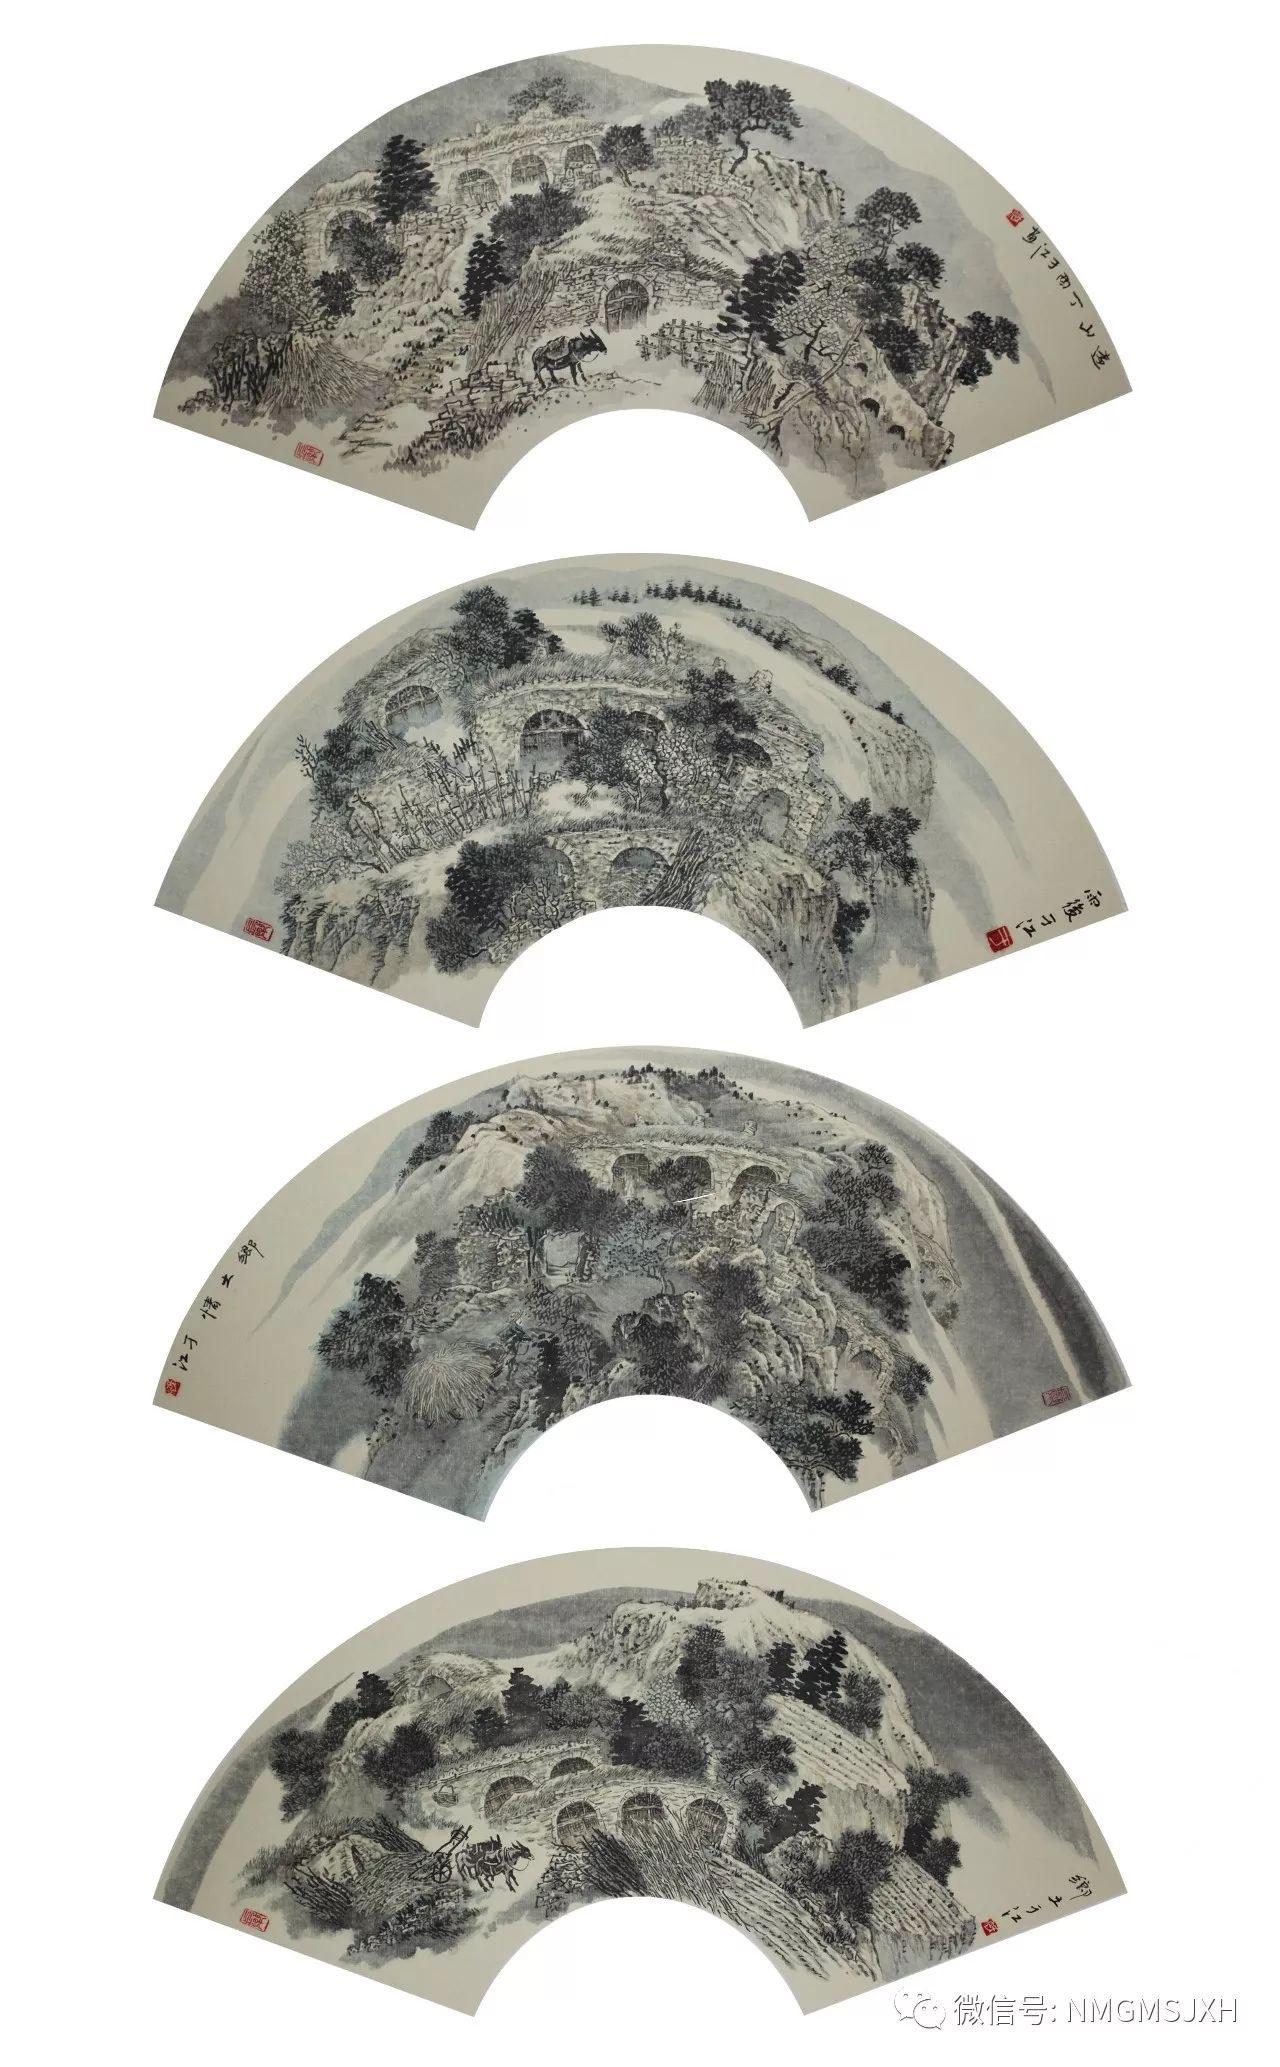 内蒙古美术新人新作展作品(三) 第2张